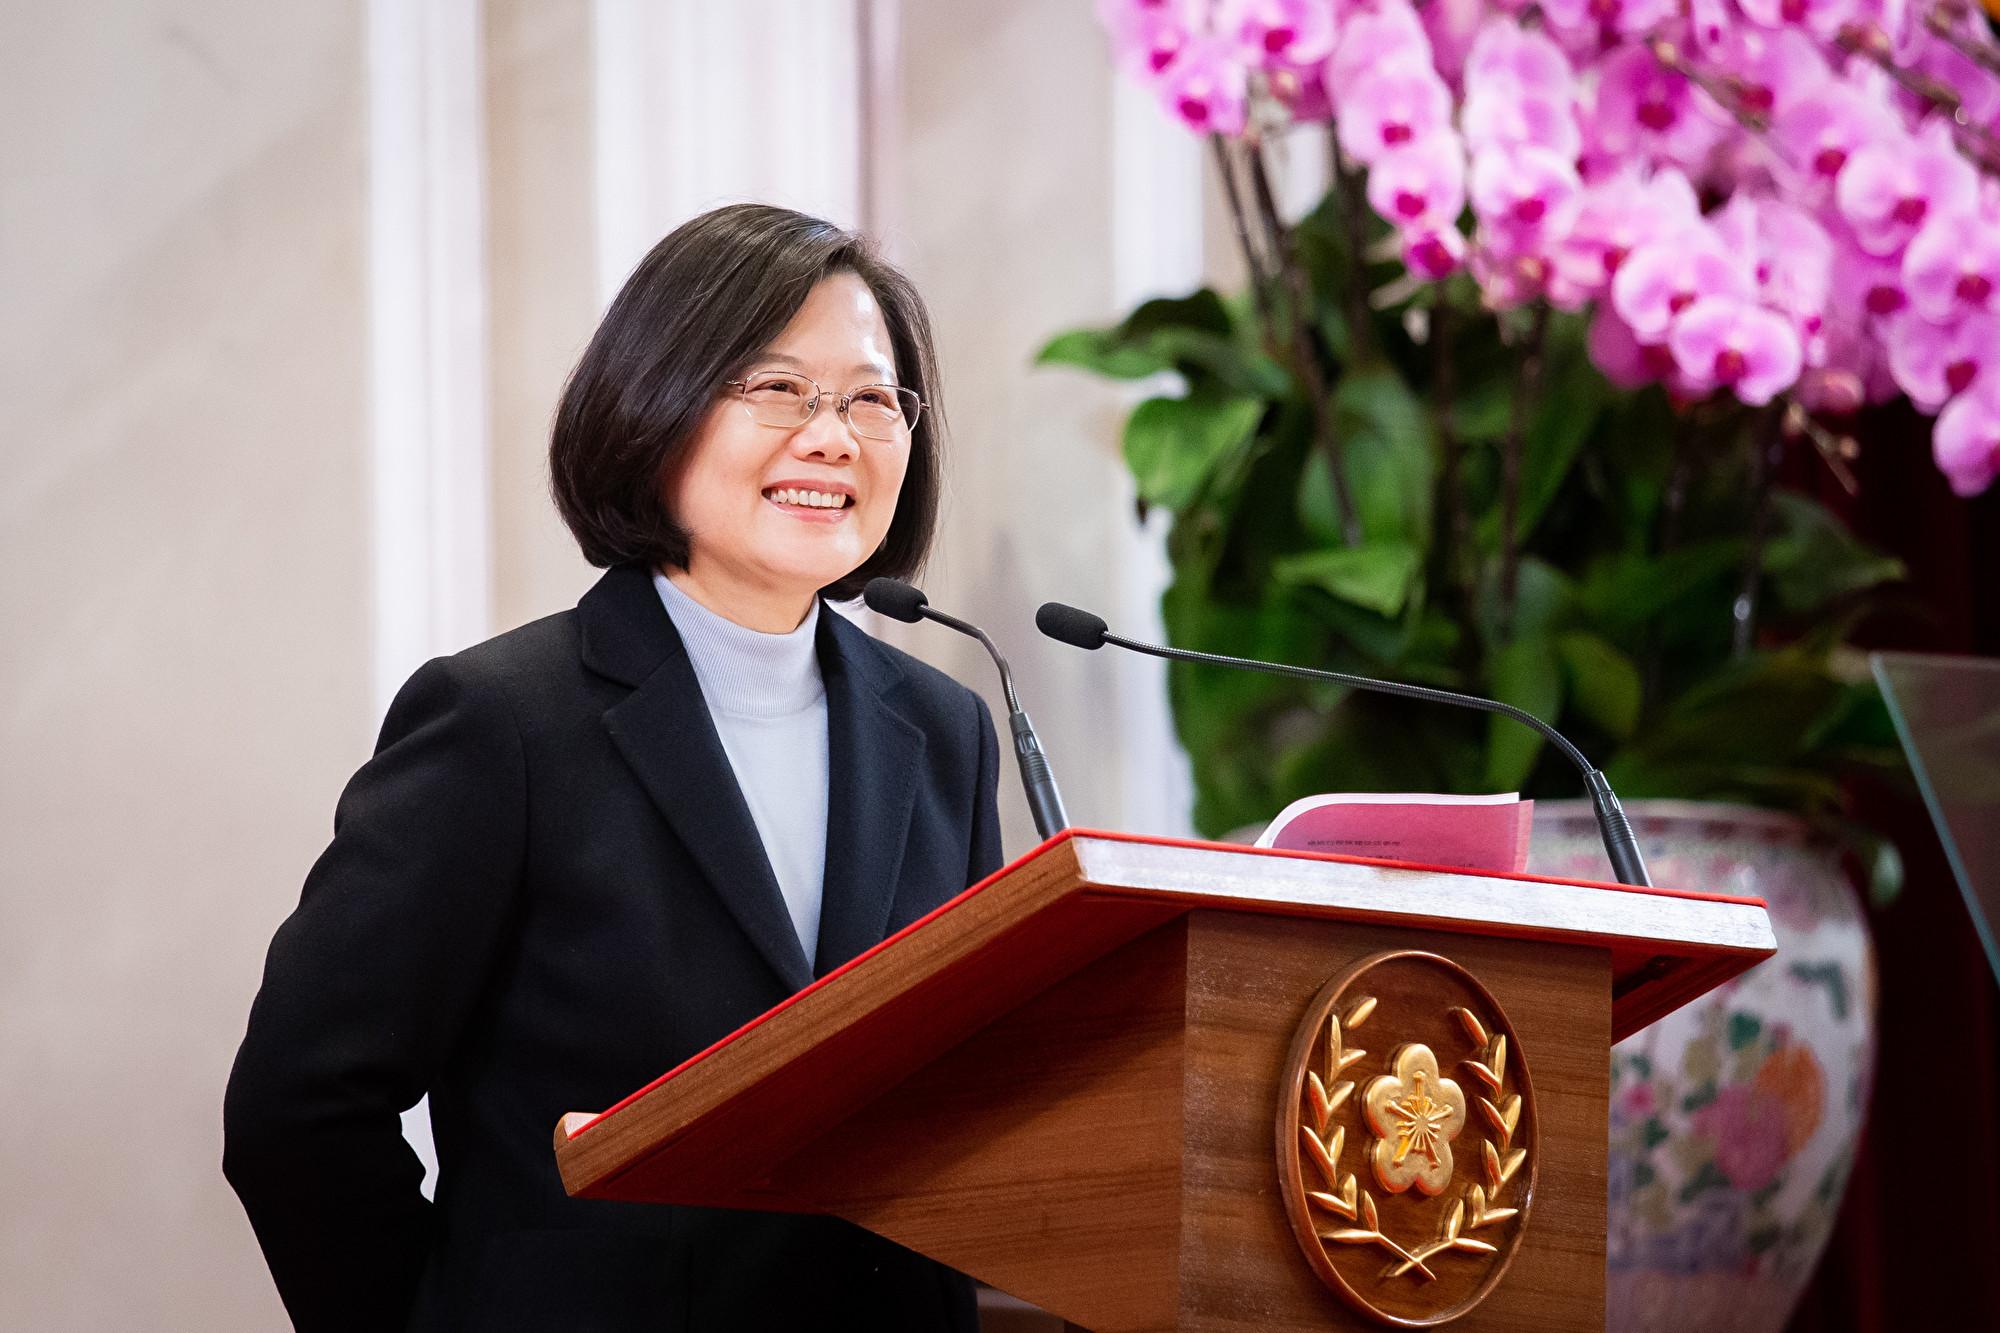 中華民國總統蔡英文1月1日發表新年談話時表示,未來4年要再創造一次經濟奇蹟,將落實兆元投資,讓台灣成為高階製造中心、高科技研發中心、綠能發展中心、區域資金調度及理財中心。(陳柏州/大紀元)